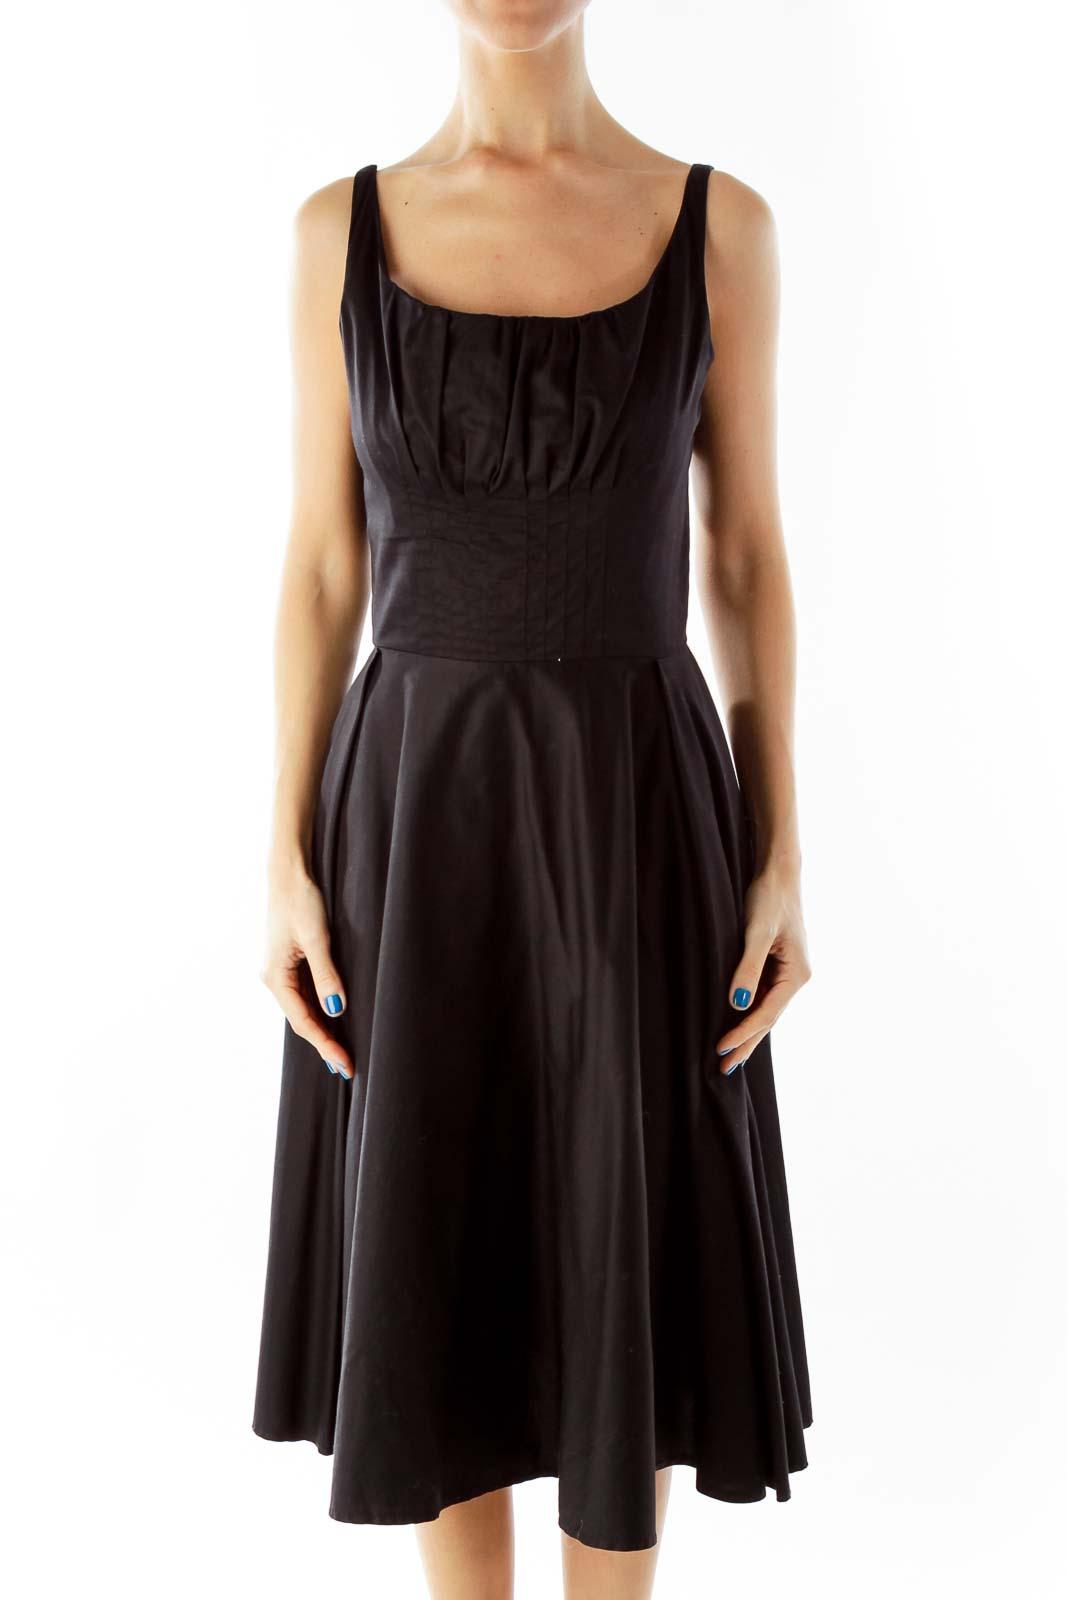 Black Empire Waist Dress Front